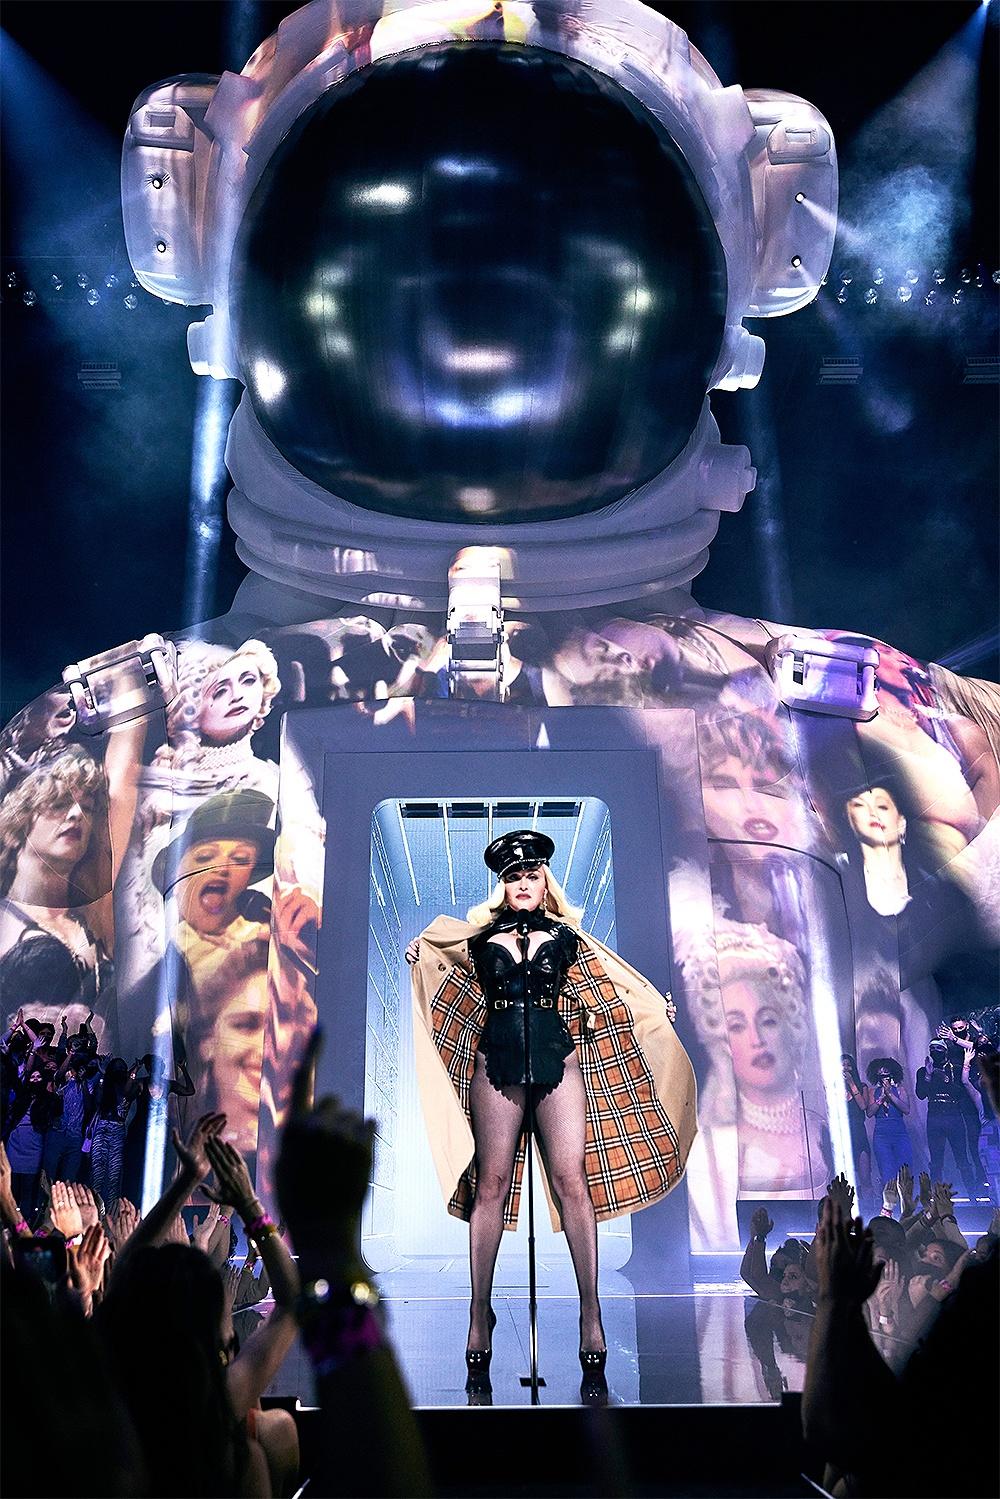 Madonna tai MTV Video Music Awards anh 7